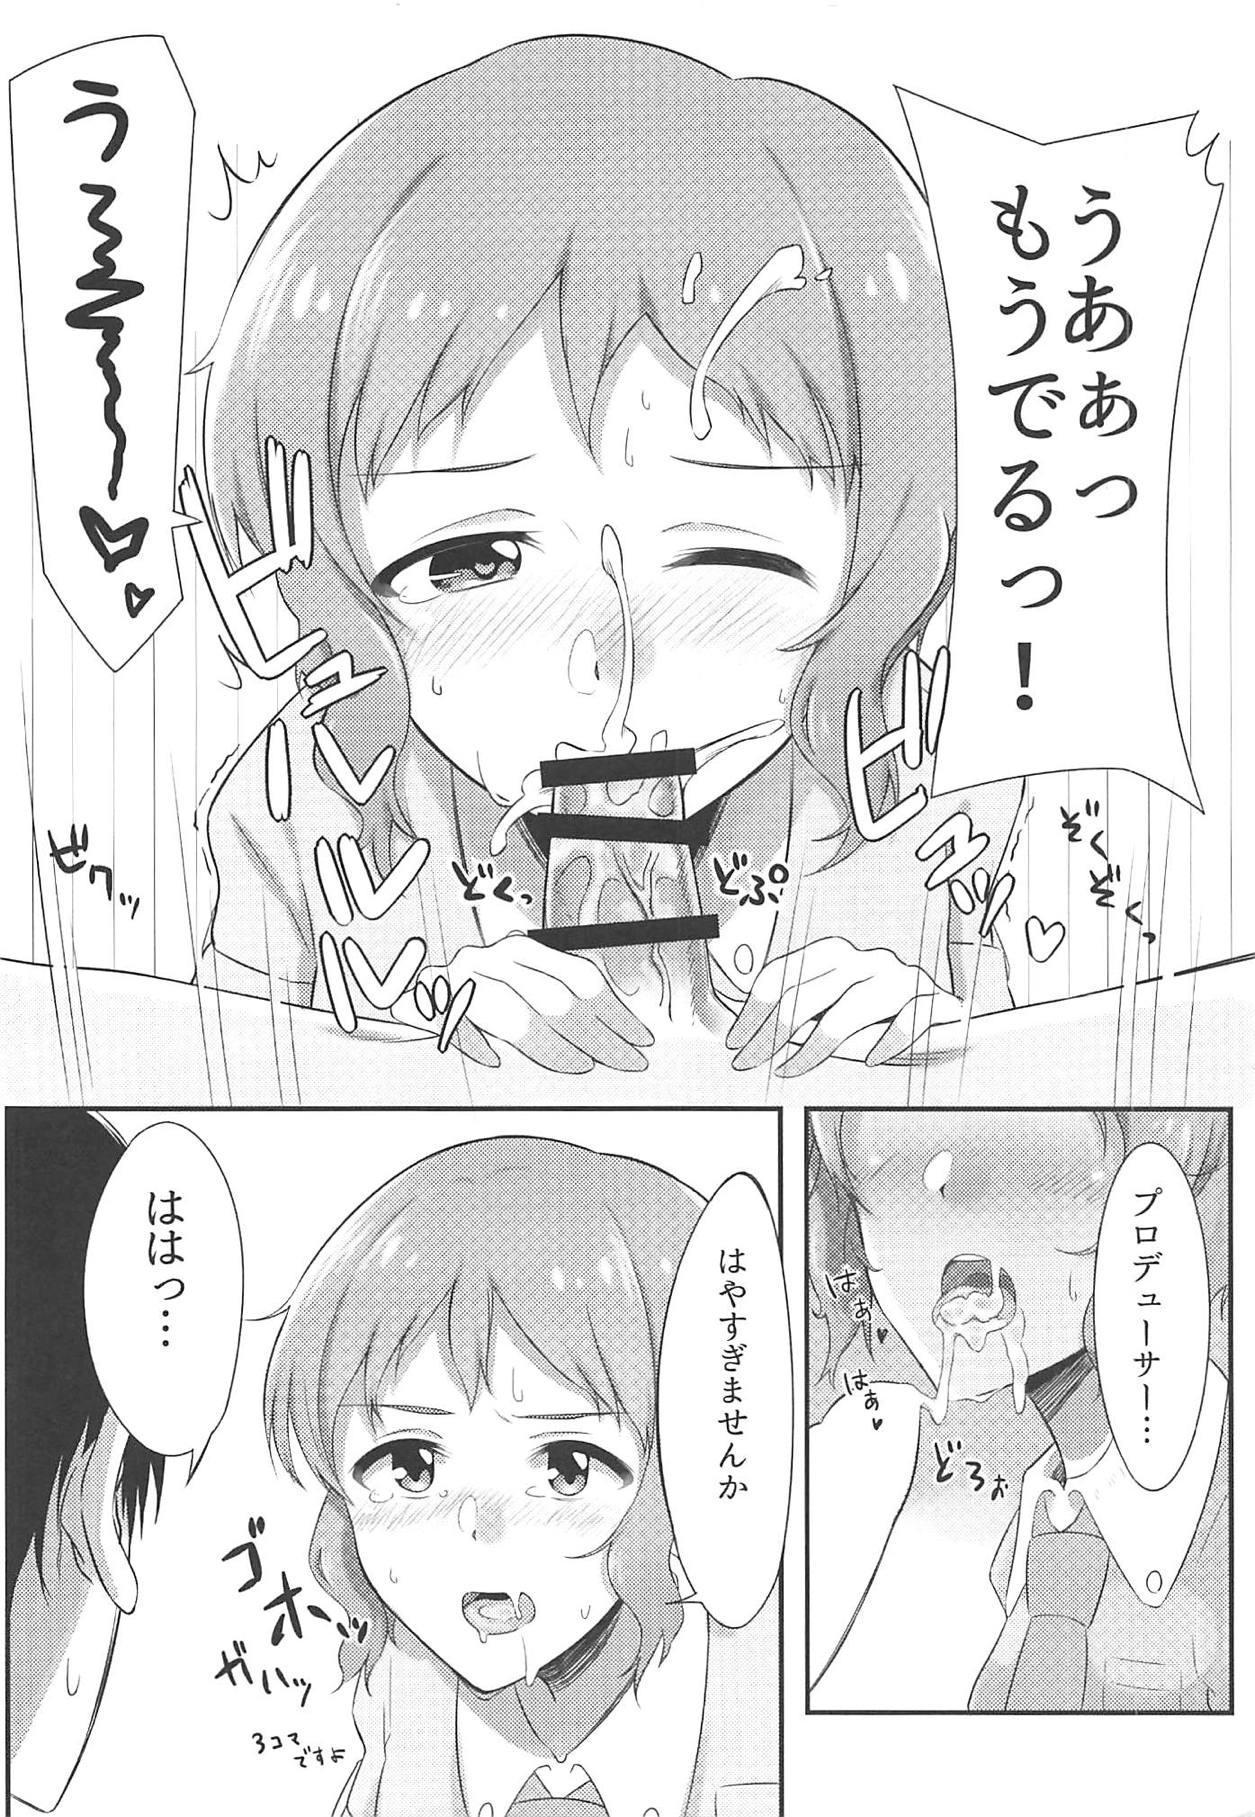 Makabe-kun to Ecchi Suru Hon 9